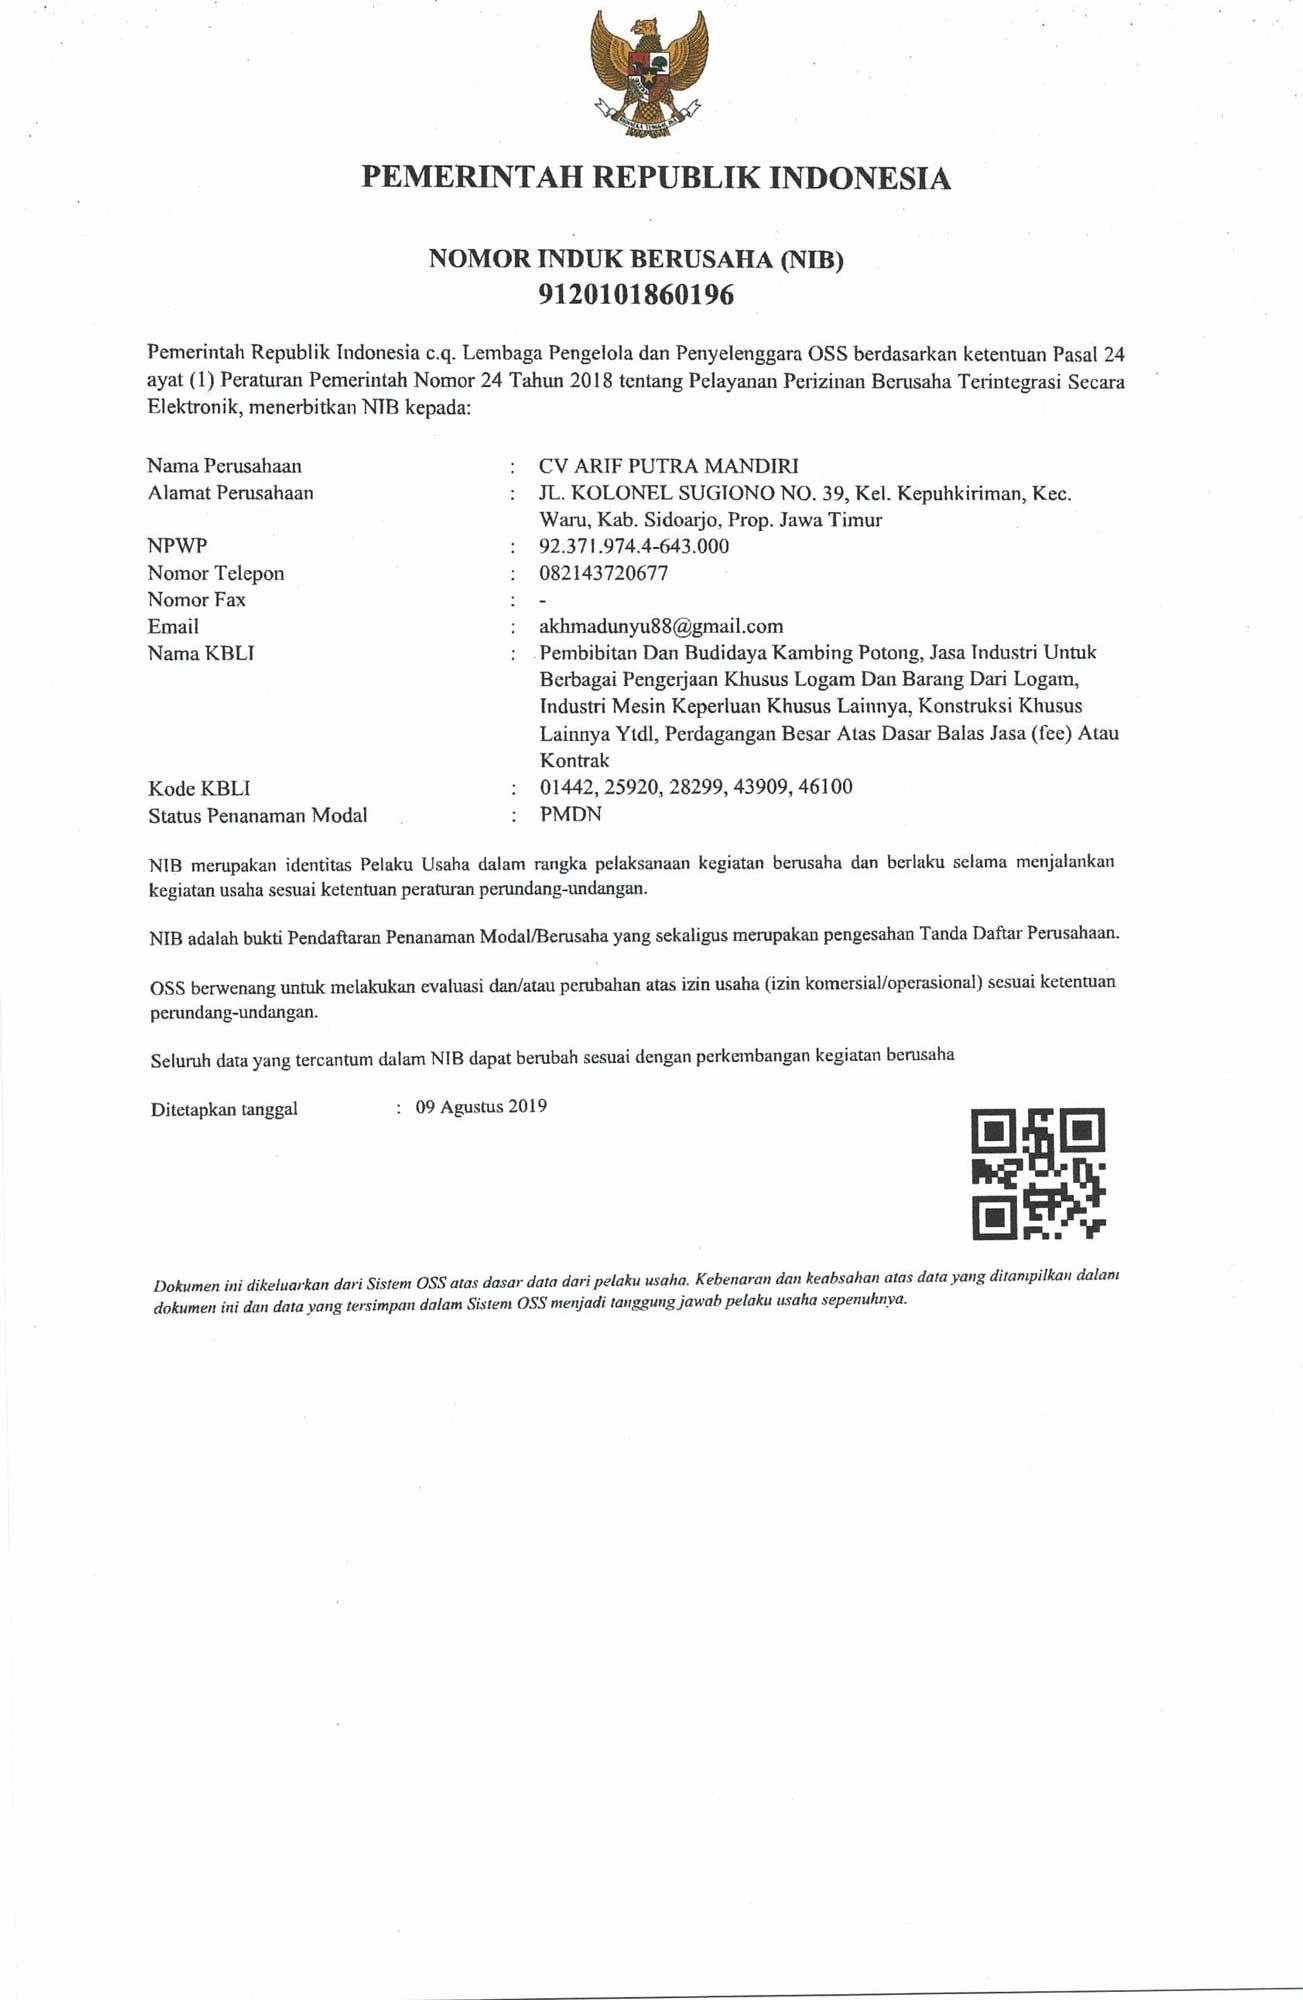 sertifikat-bengkel-las-hasta-karya-2-min1